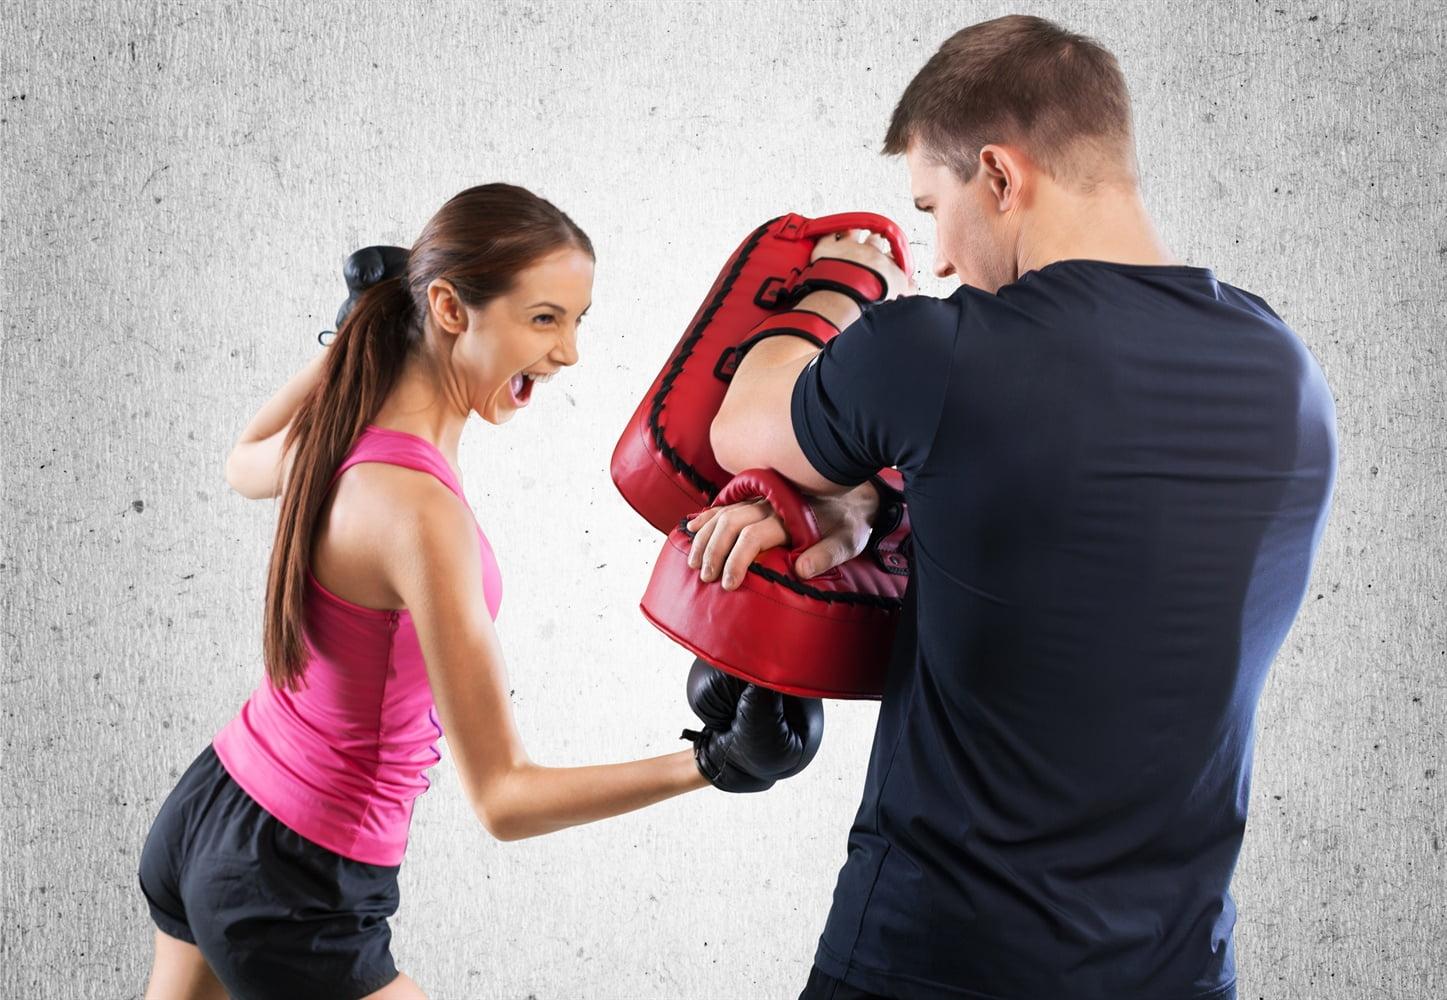 Betriebshaftpflicht Kampfsportschule